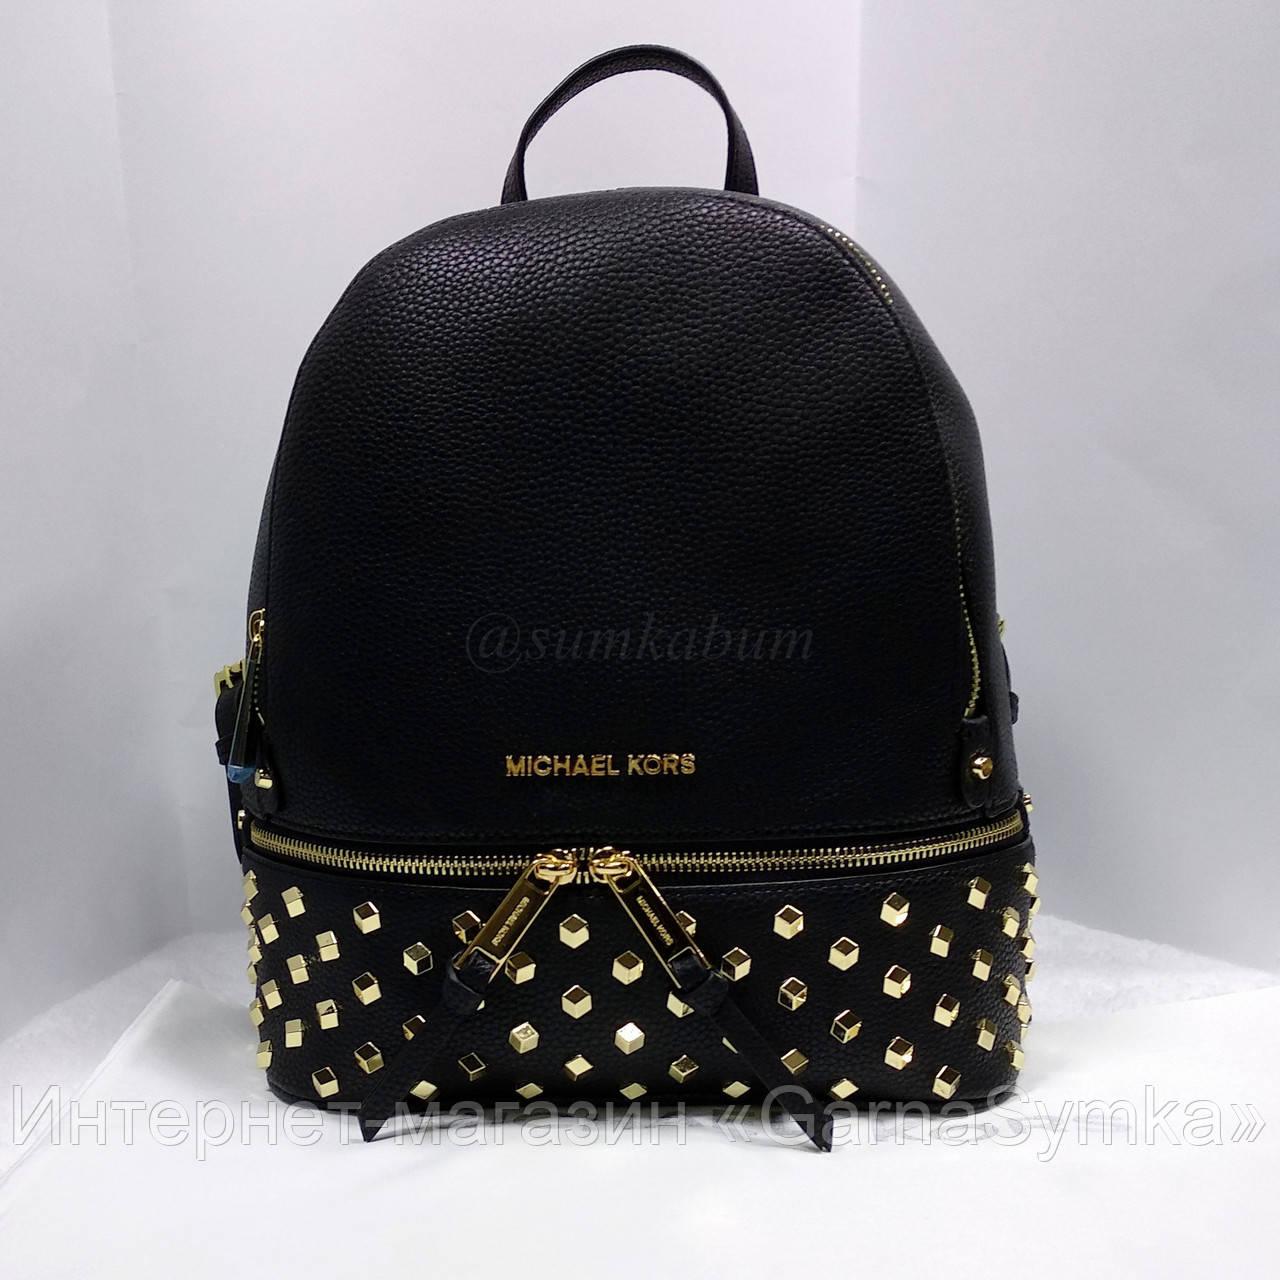 Рюкзак, высококлассная реплика, натуральная кожа